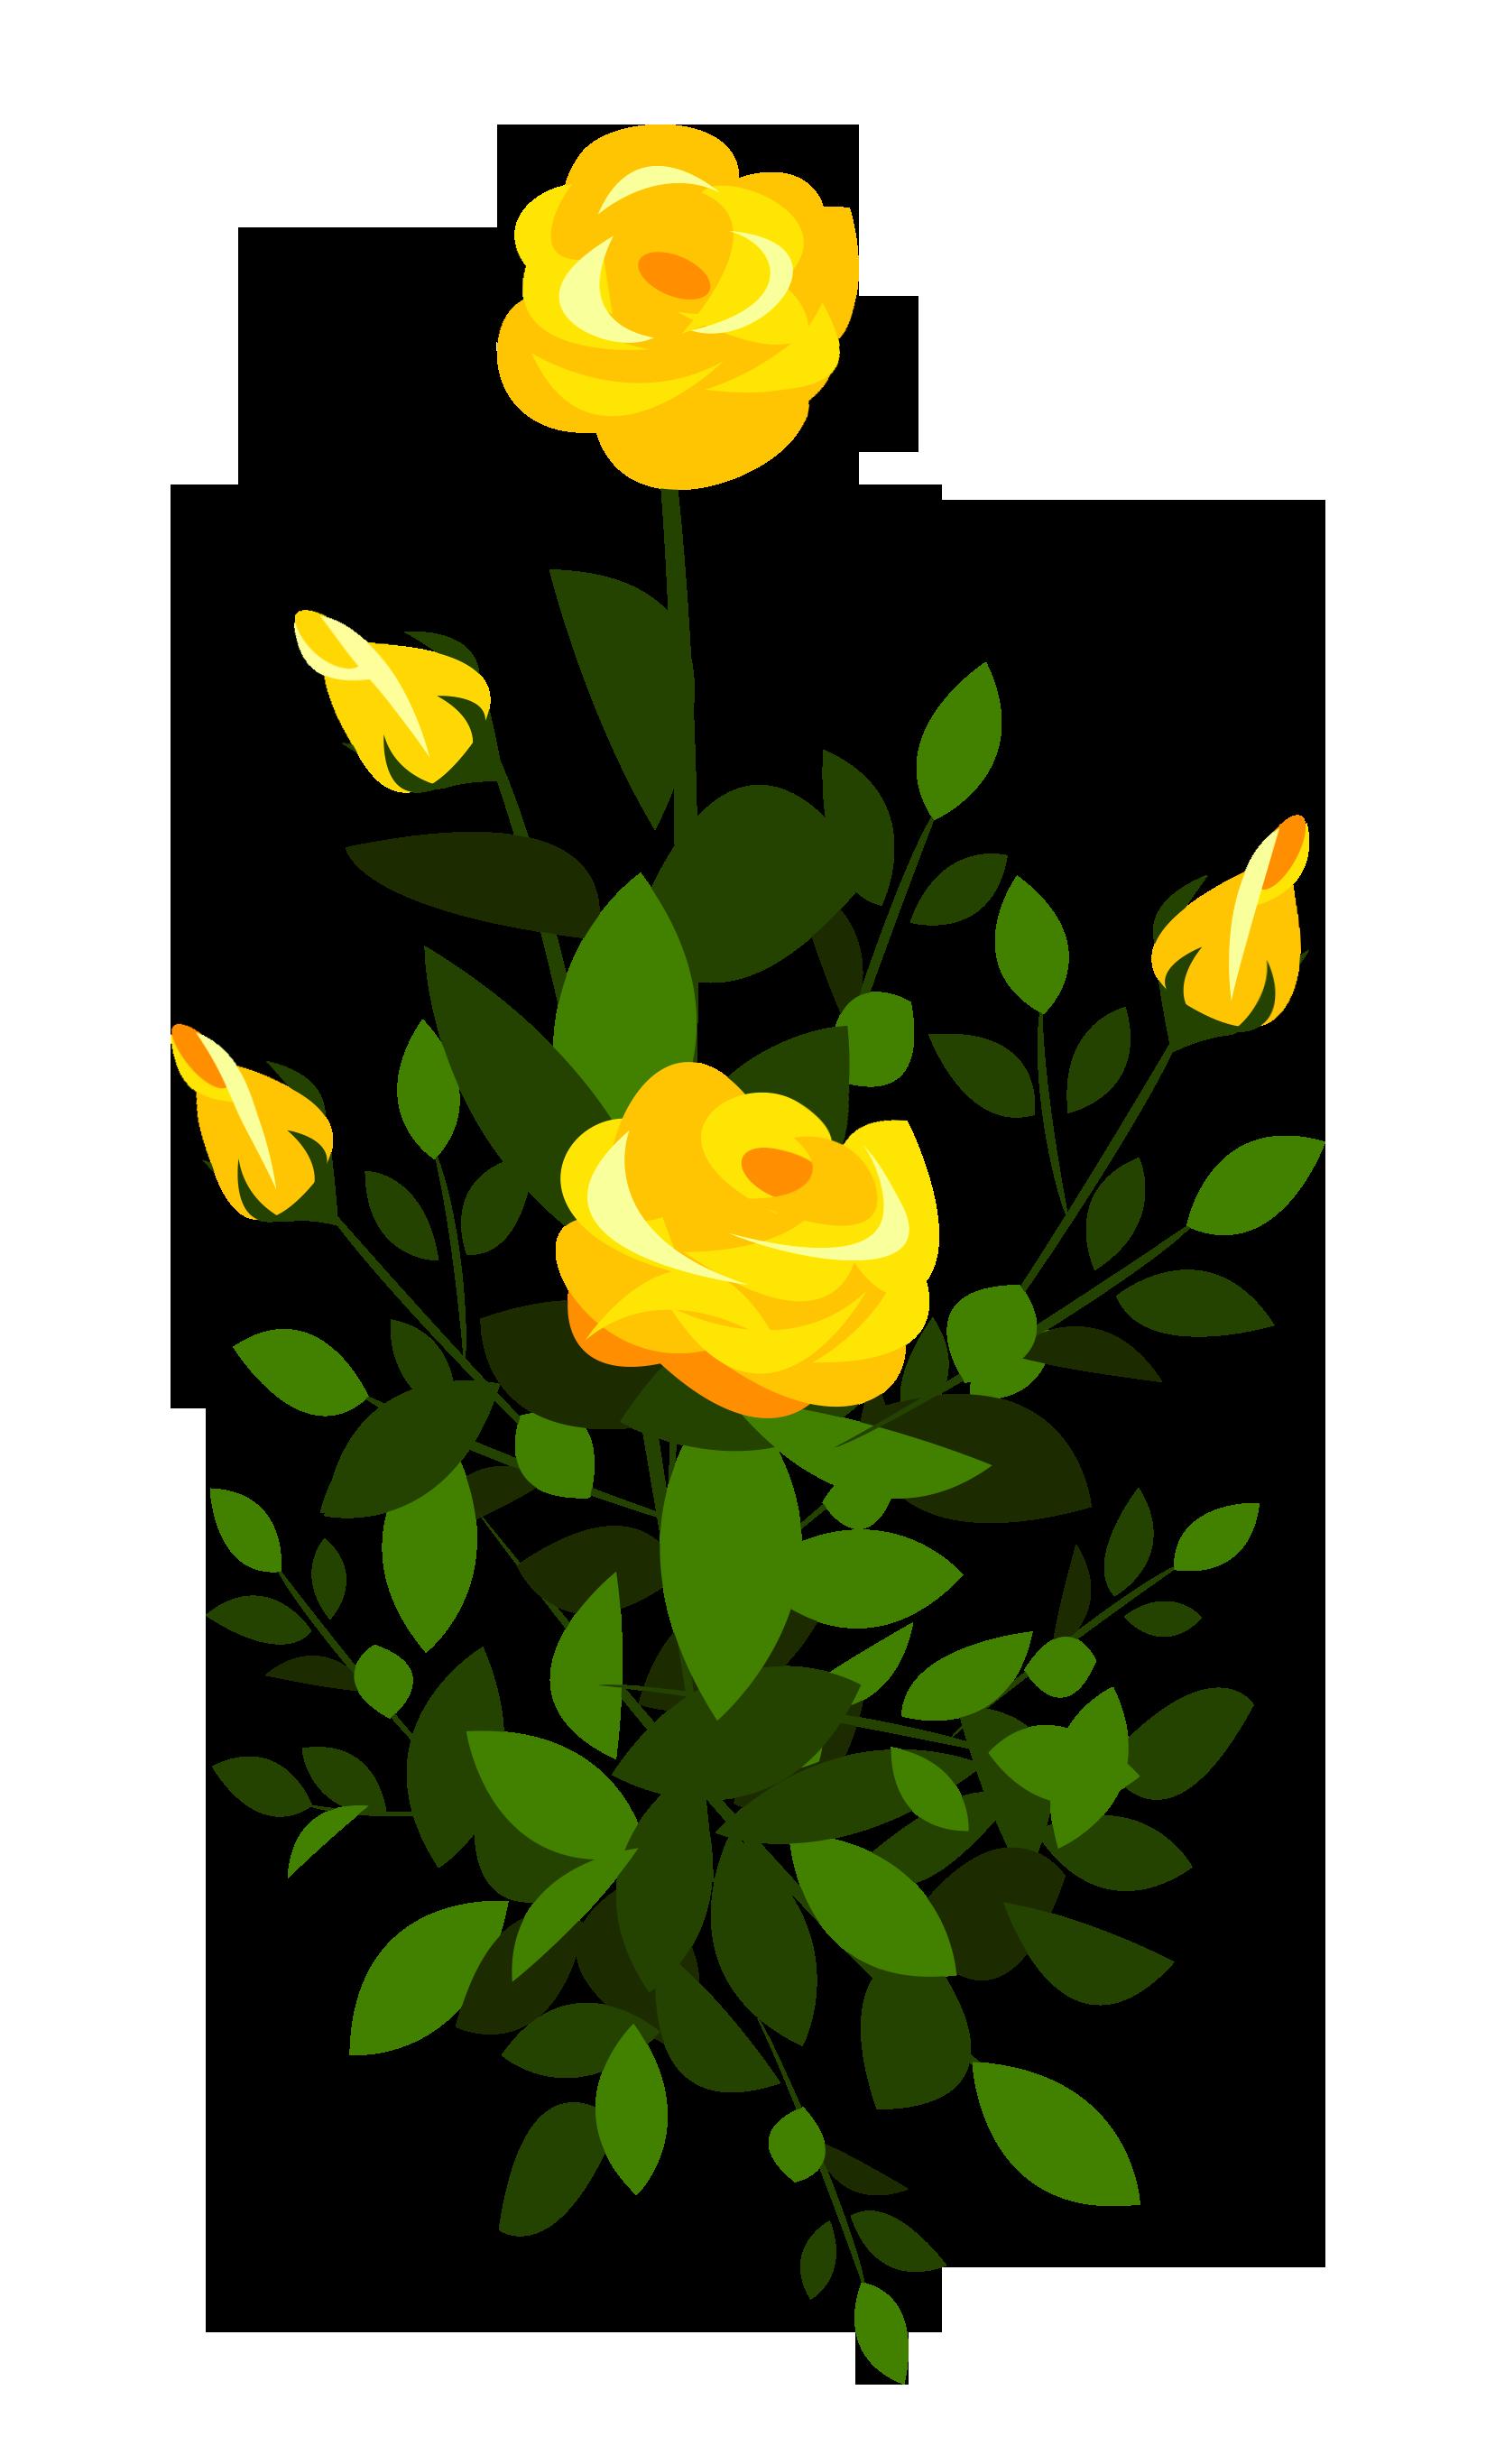 Pin de K Anbuk em Flowers